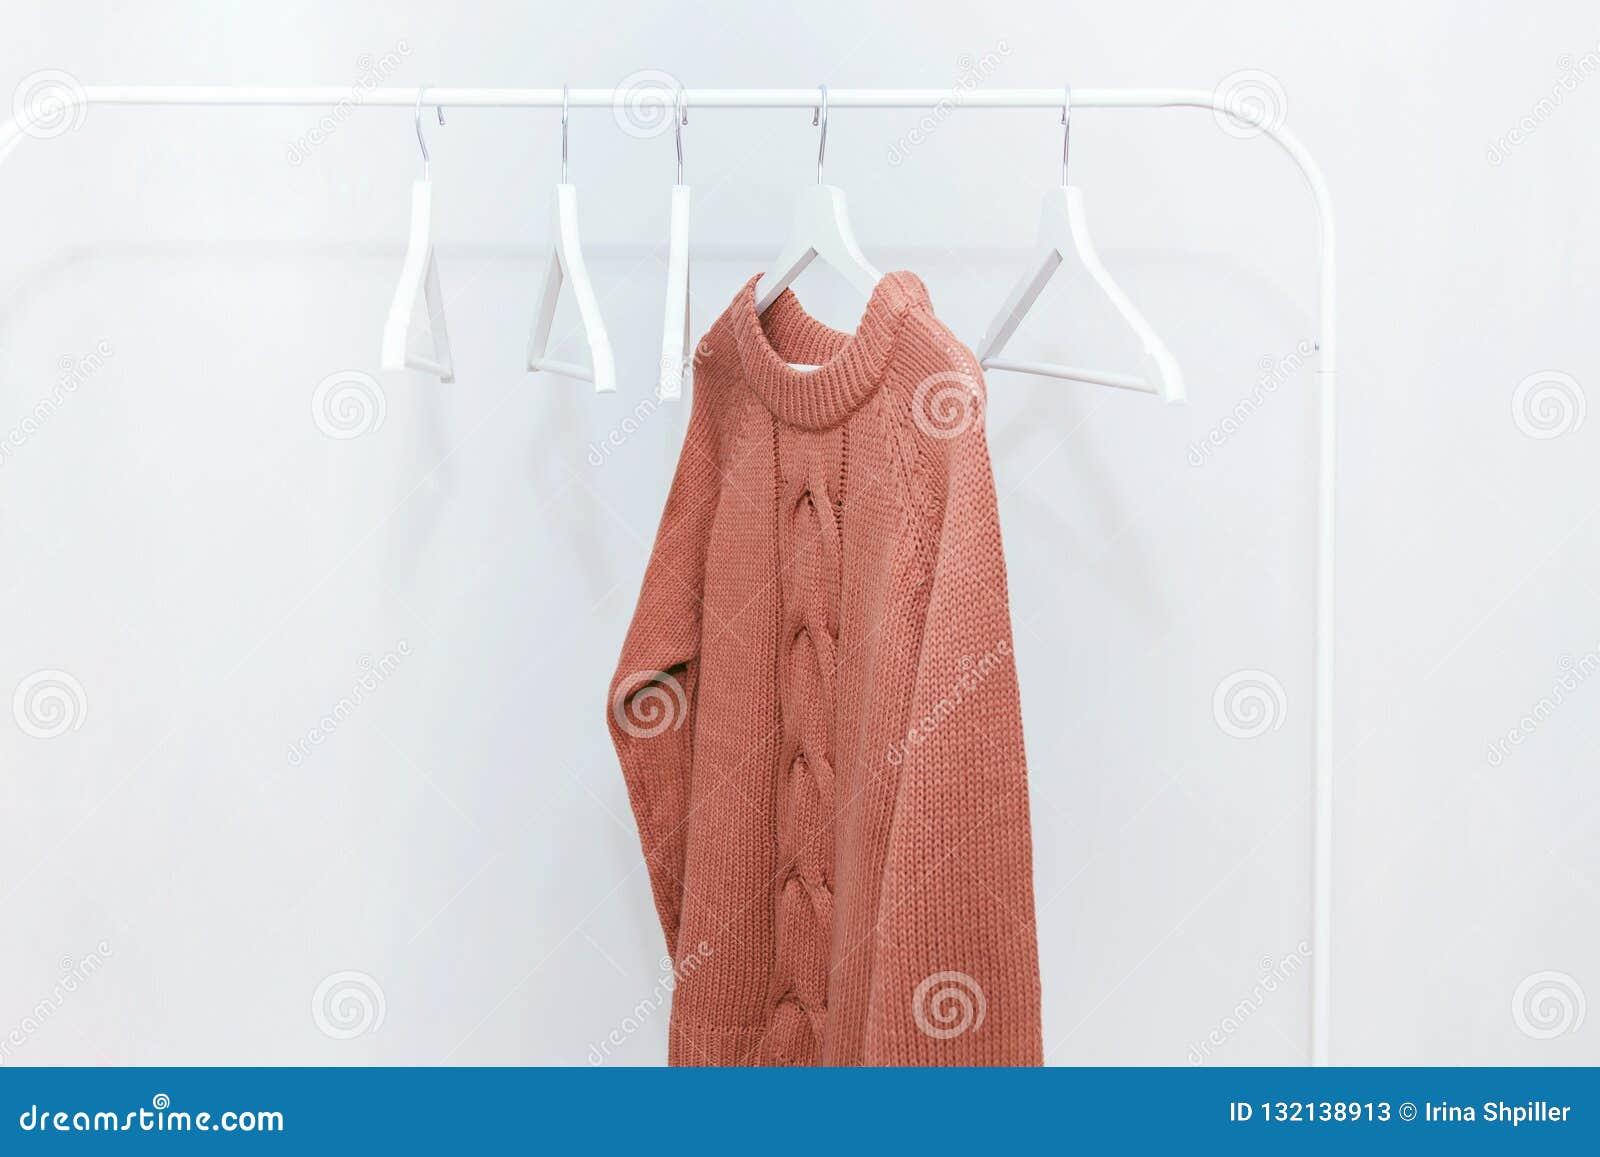 En varm tröja för orange pastellfärgad rät maska på hängare och många tomma hängare